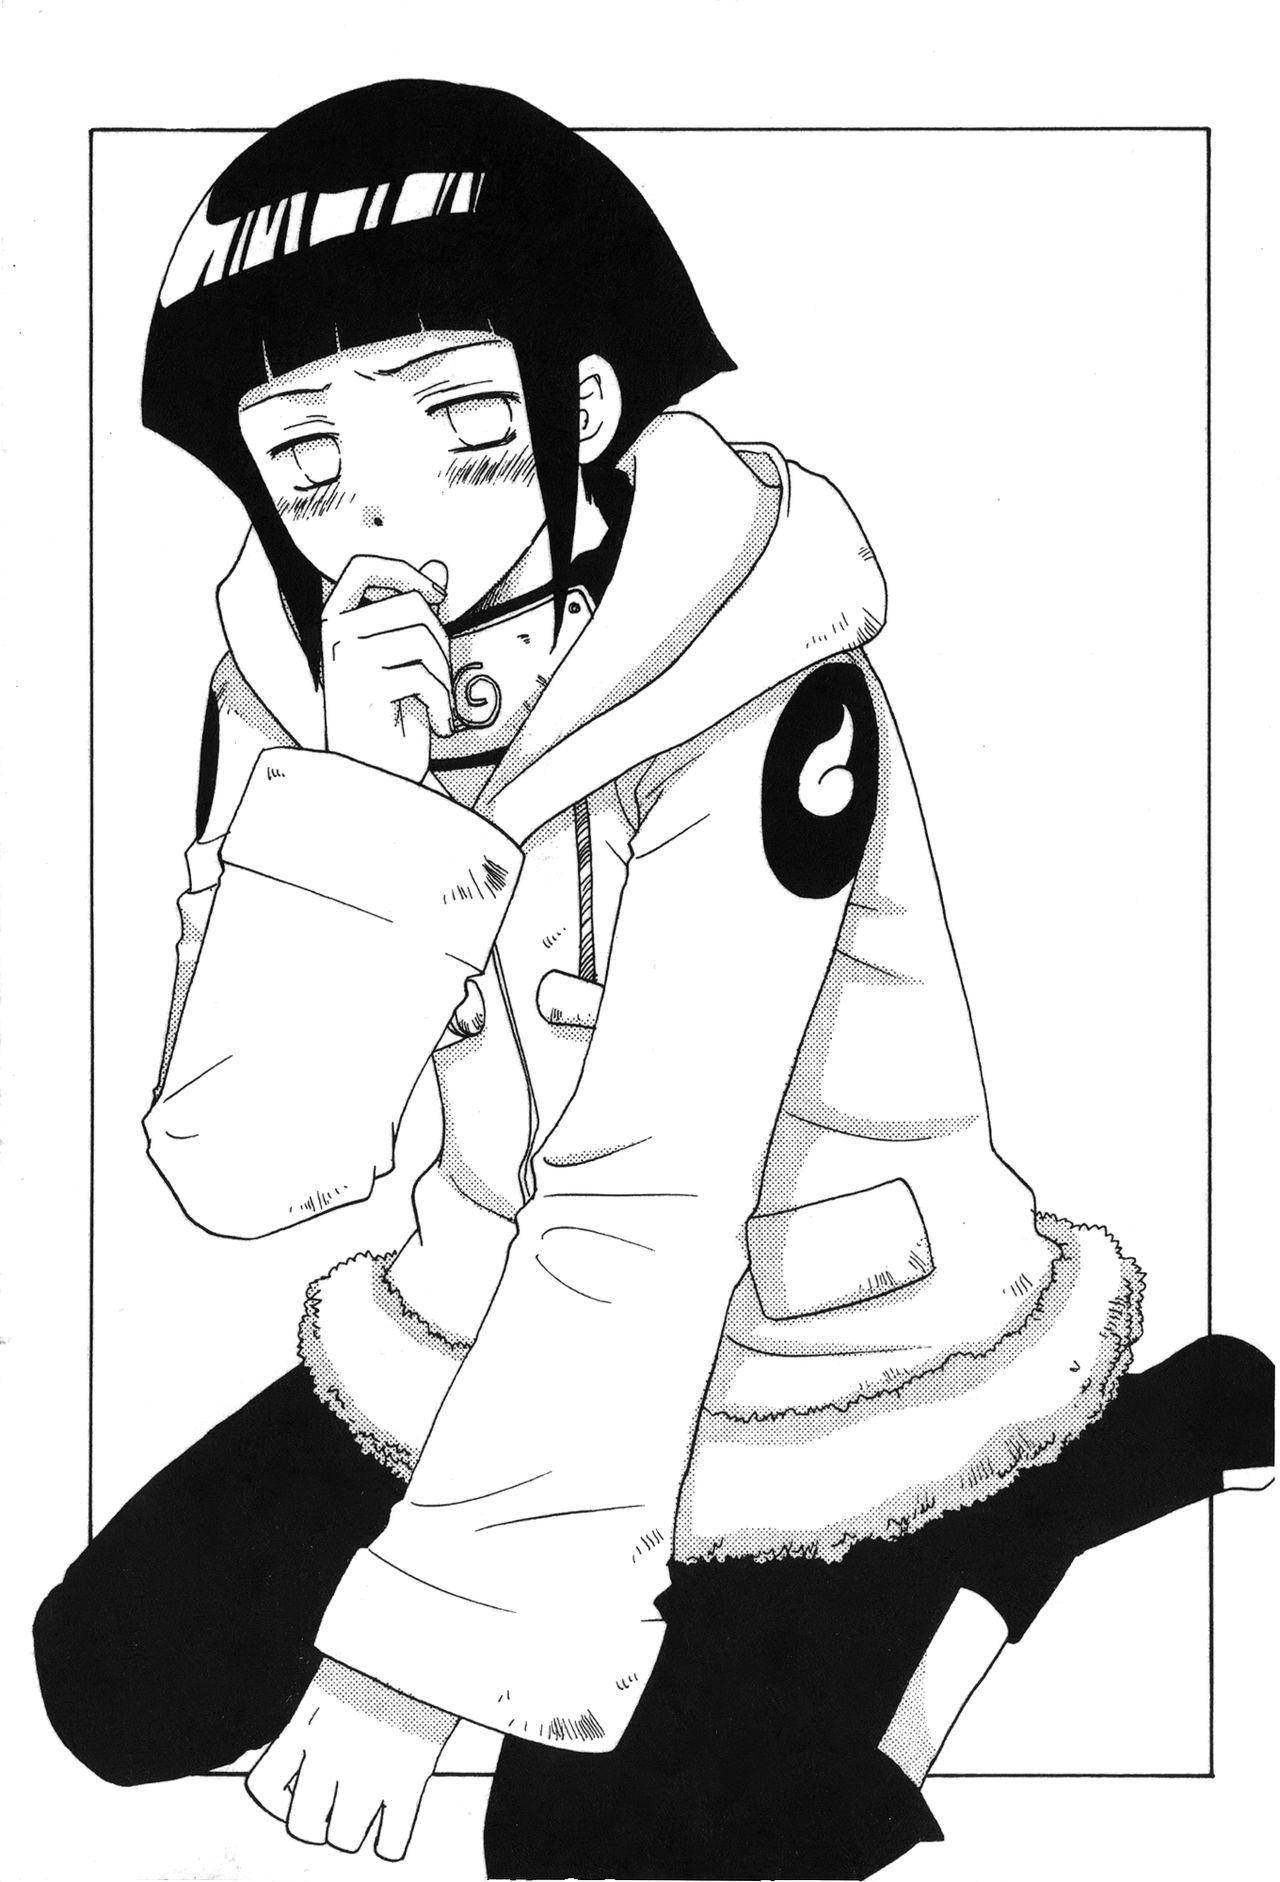 naruto ninja biography vol.02 53